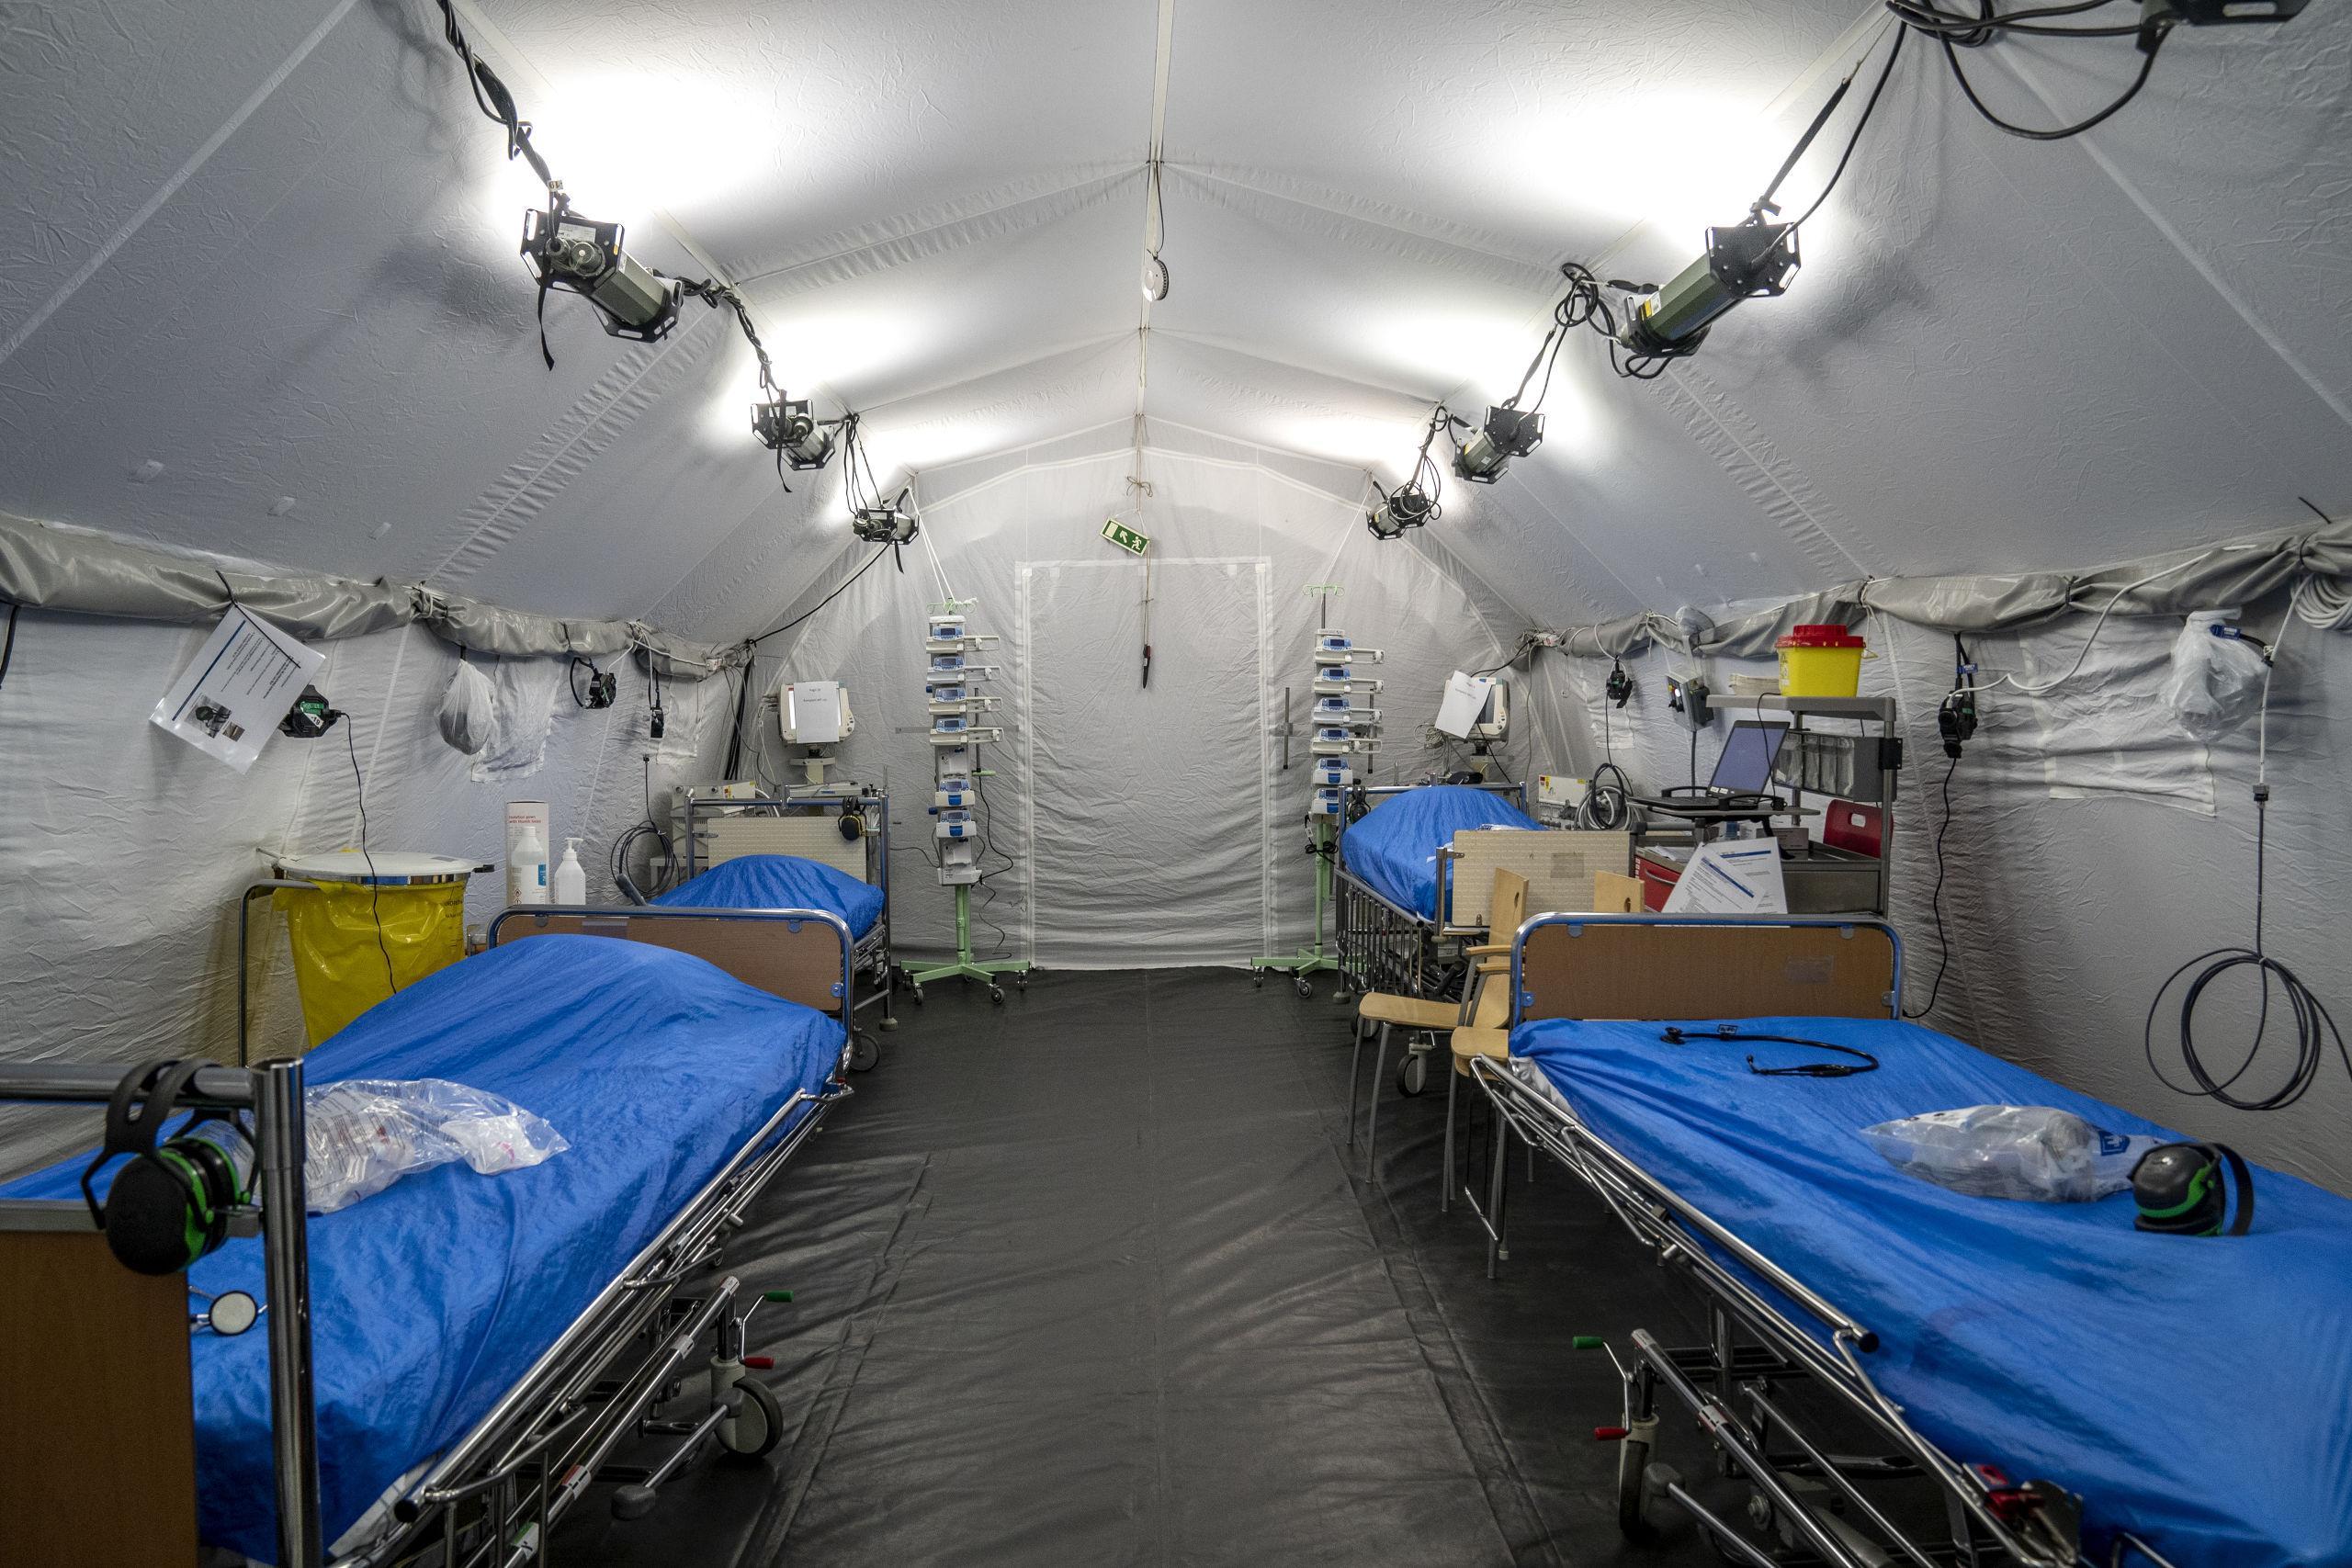 Halmstadsoldater arbetar på fältsjukhuset i Göteborg